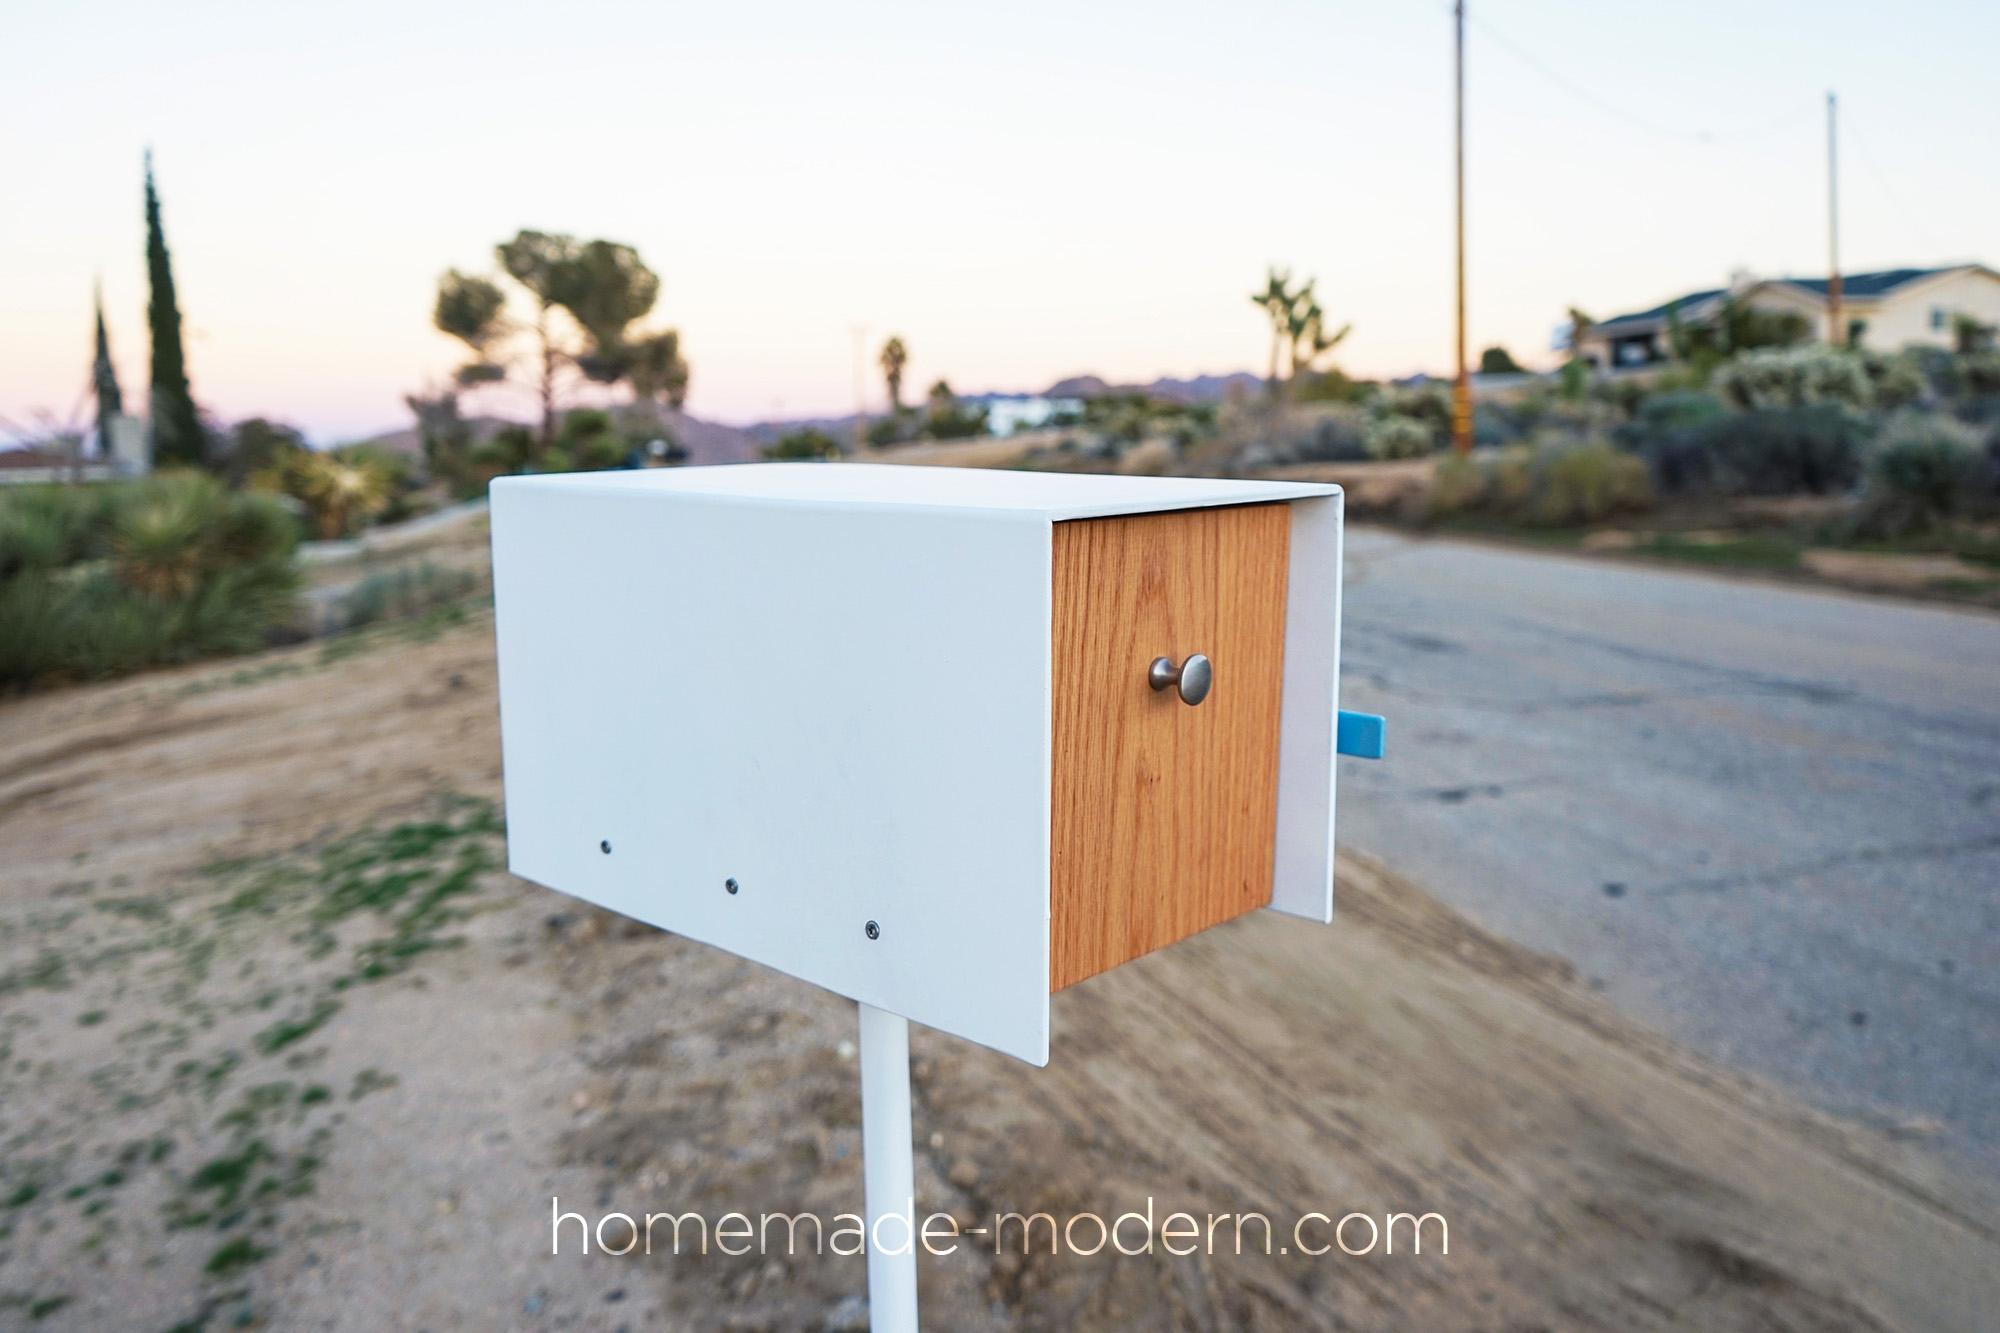 http://www.homemade-modern.com/wp-content/uploads/2018/12/diymodernmailbox-banner.jpg